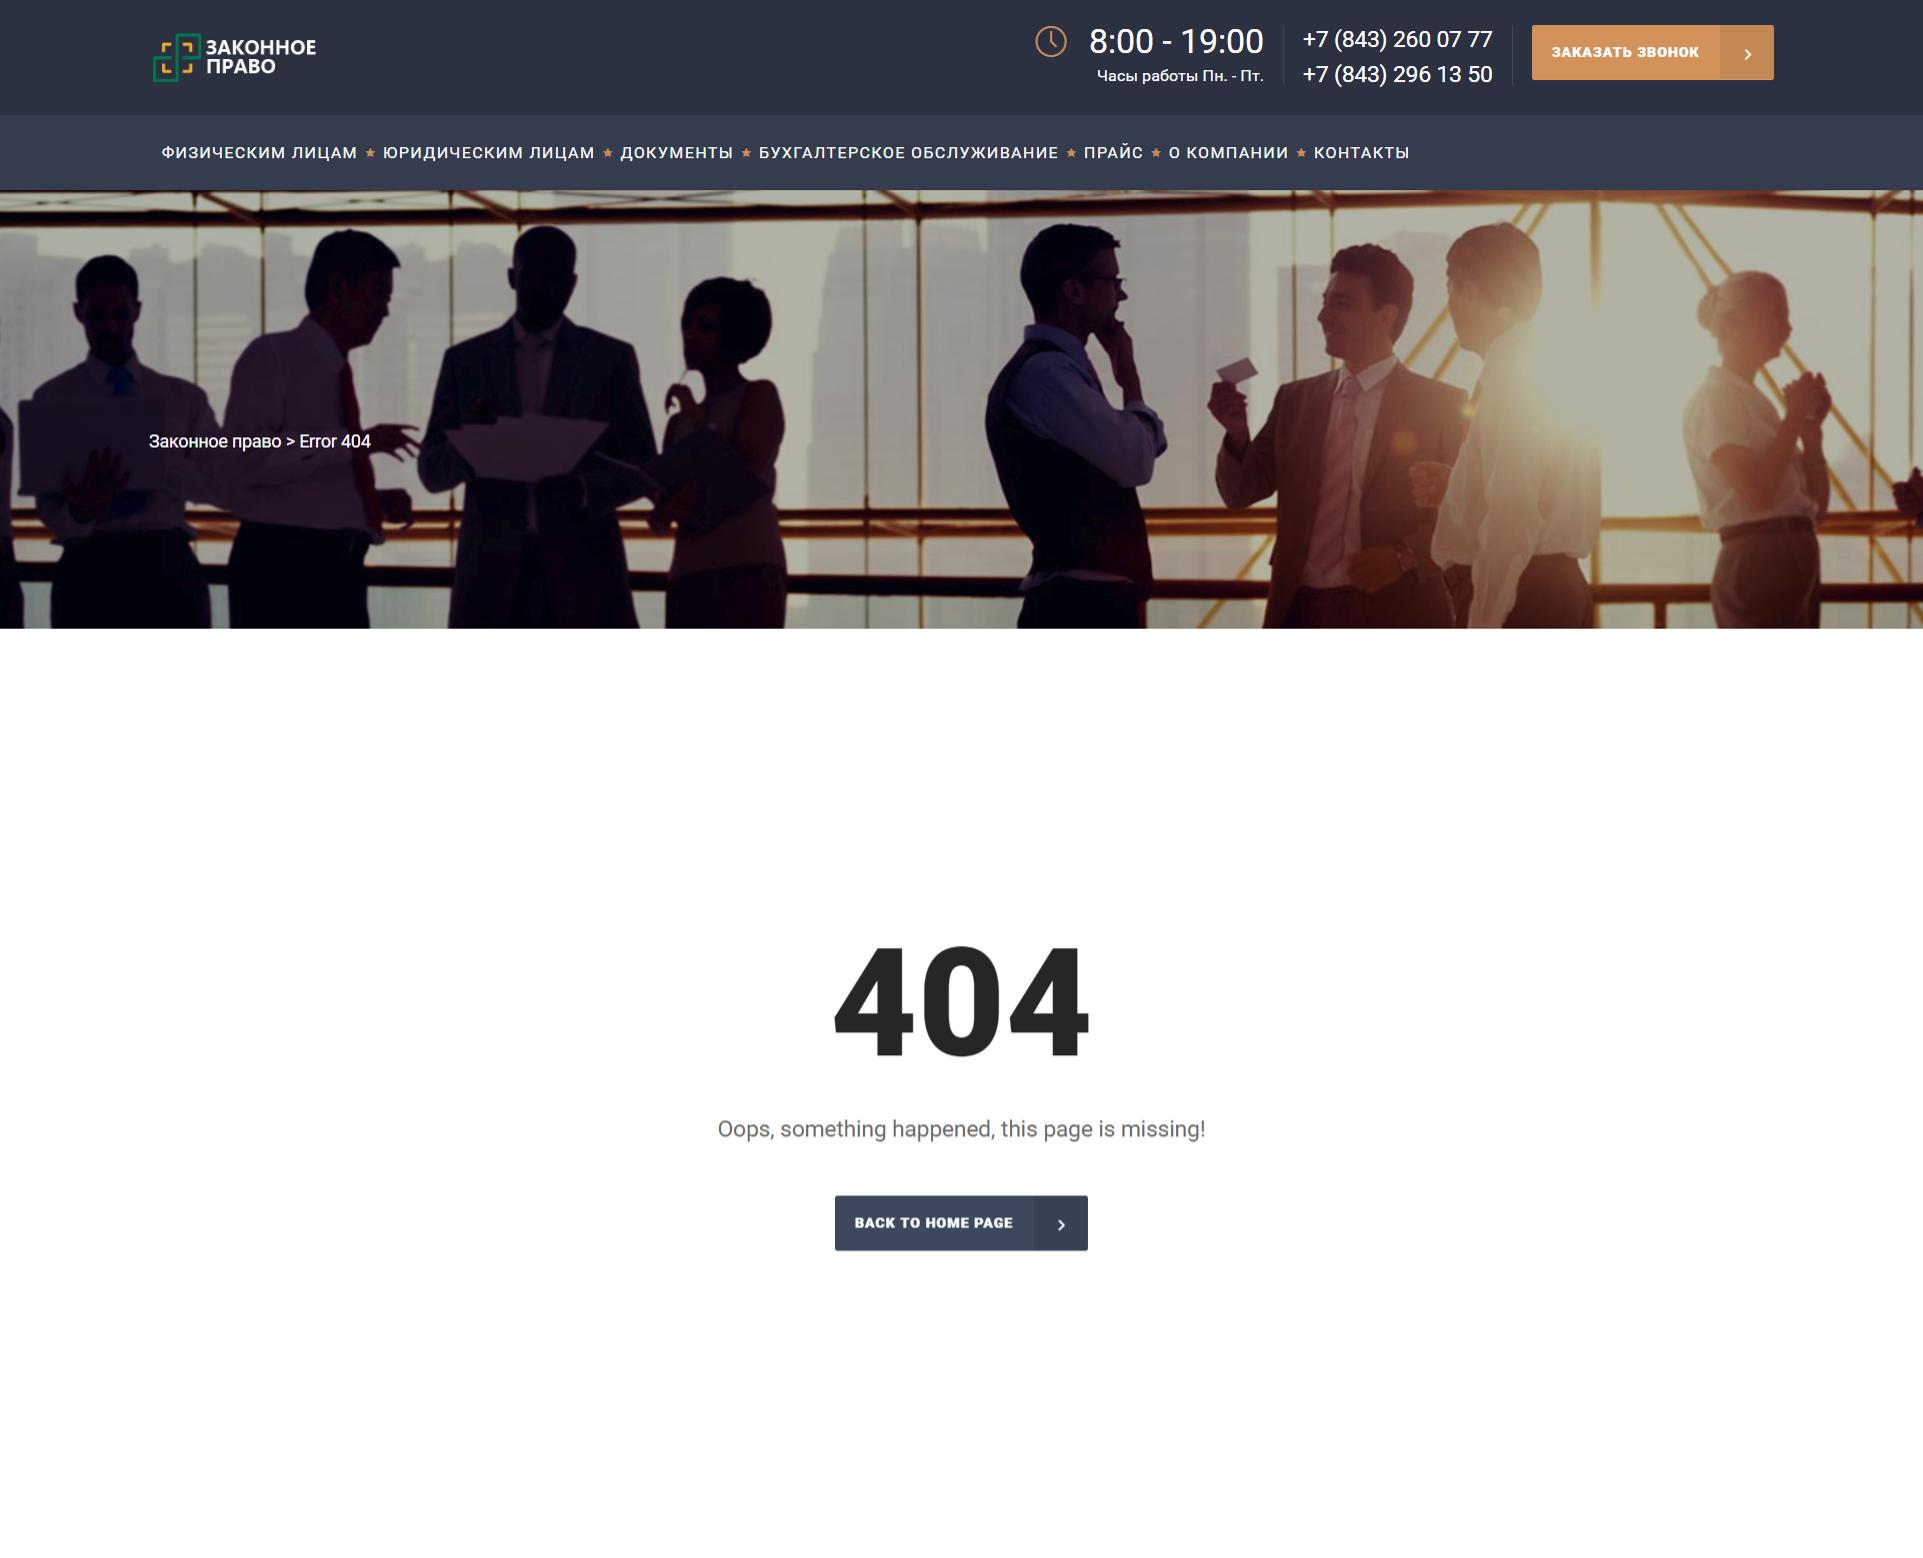 Сайт русский, а страница 404 на английском